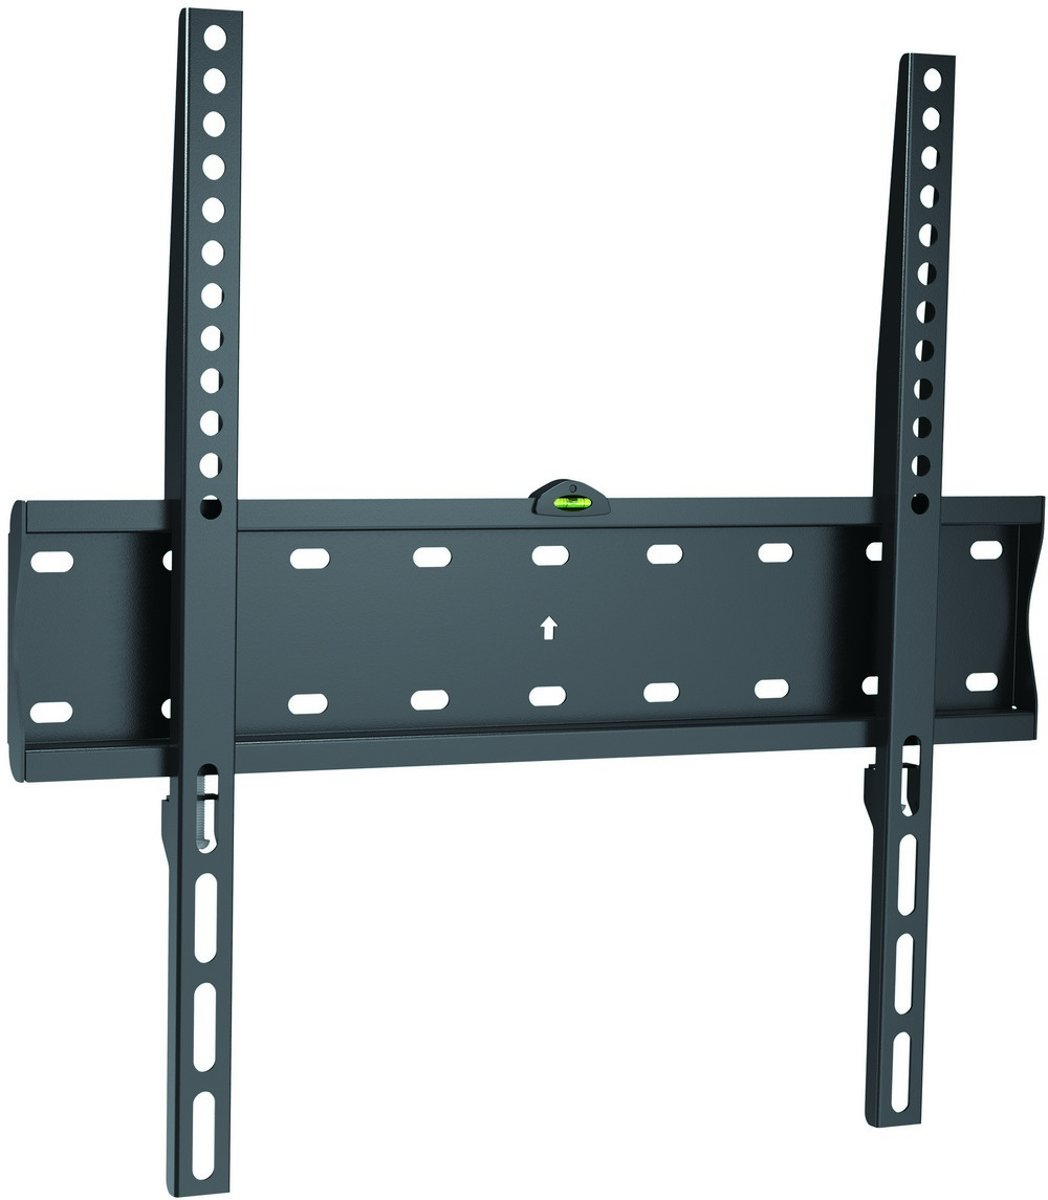 DELTACO ARM-462 Universele TV Wandsteun, Met Waterpas, Geschikt voor TV's van 32 t/m 70 inch kopen